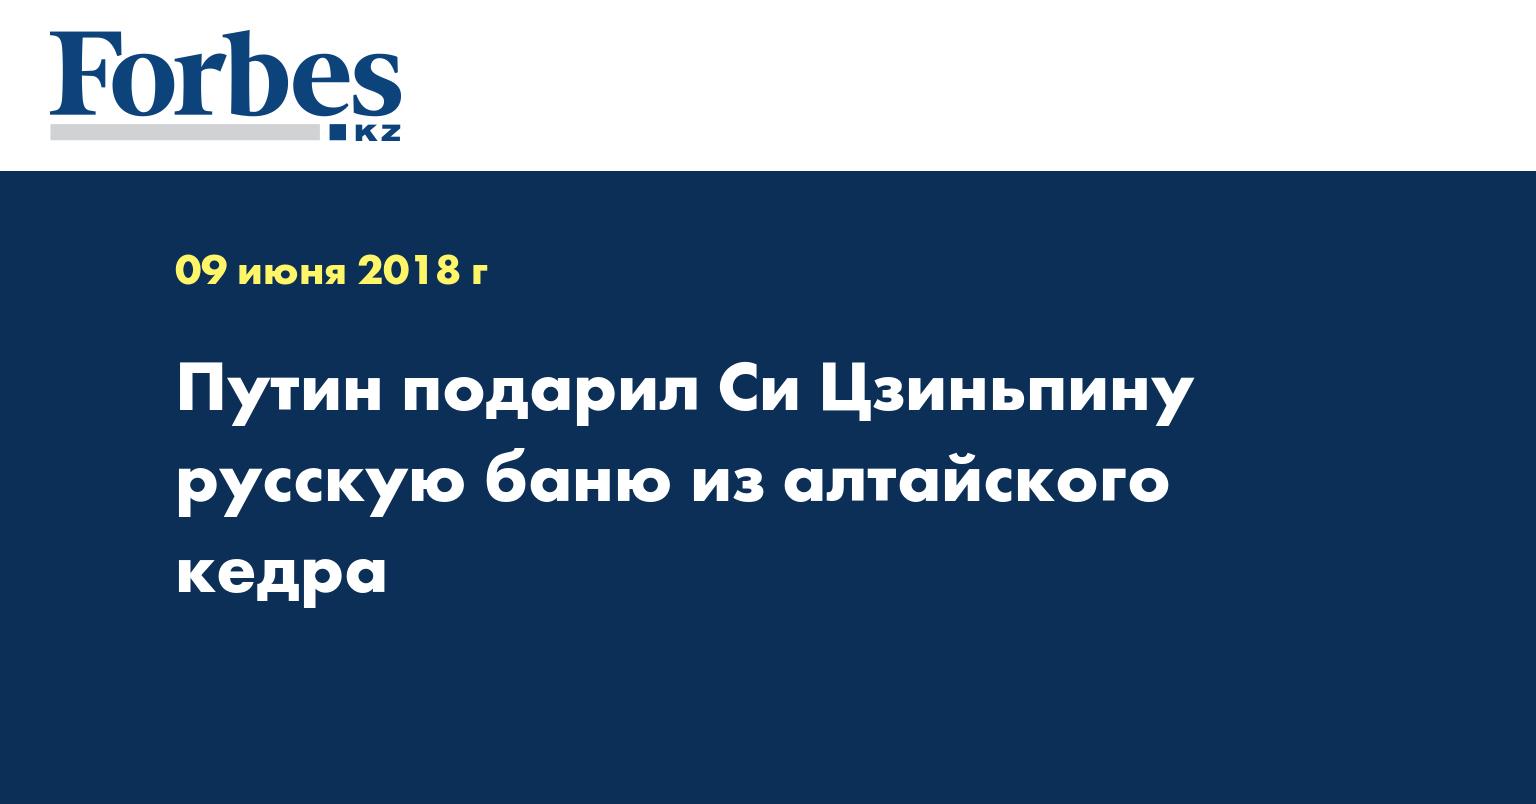 Путин подарил Си Цзиньпину русскую баню из алтайского кедра